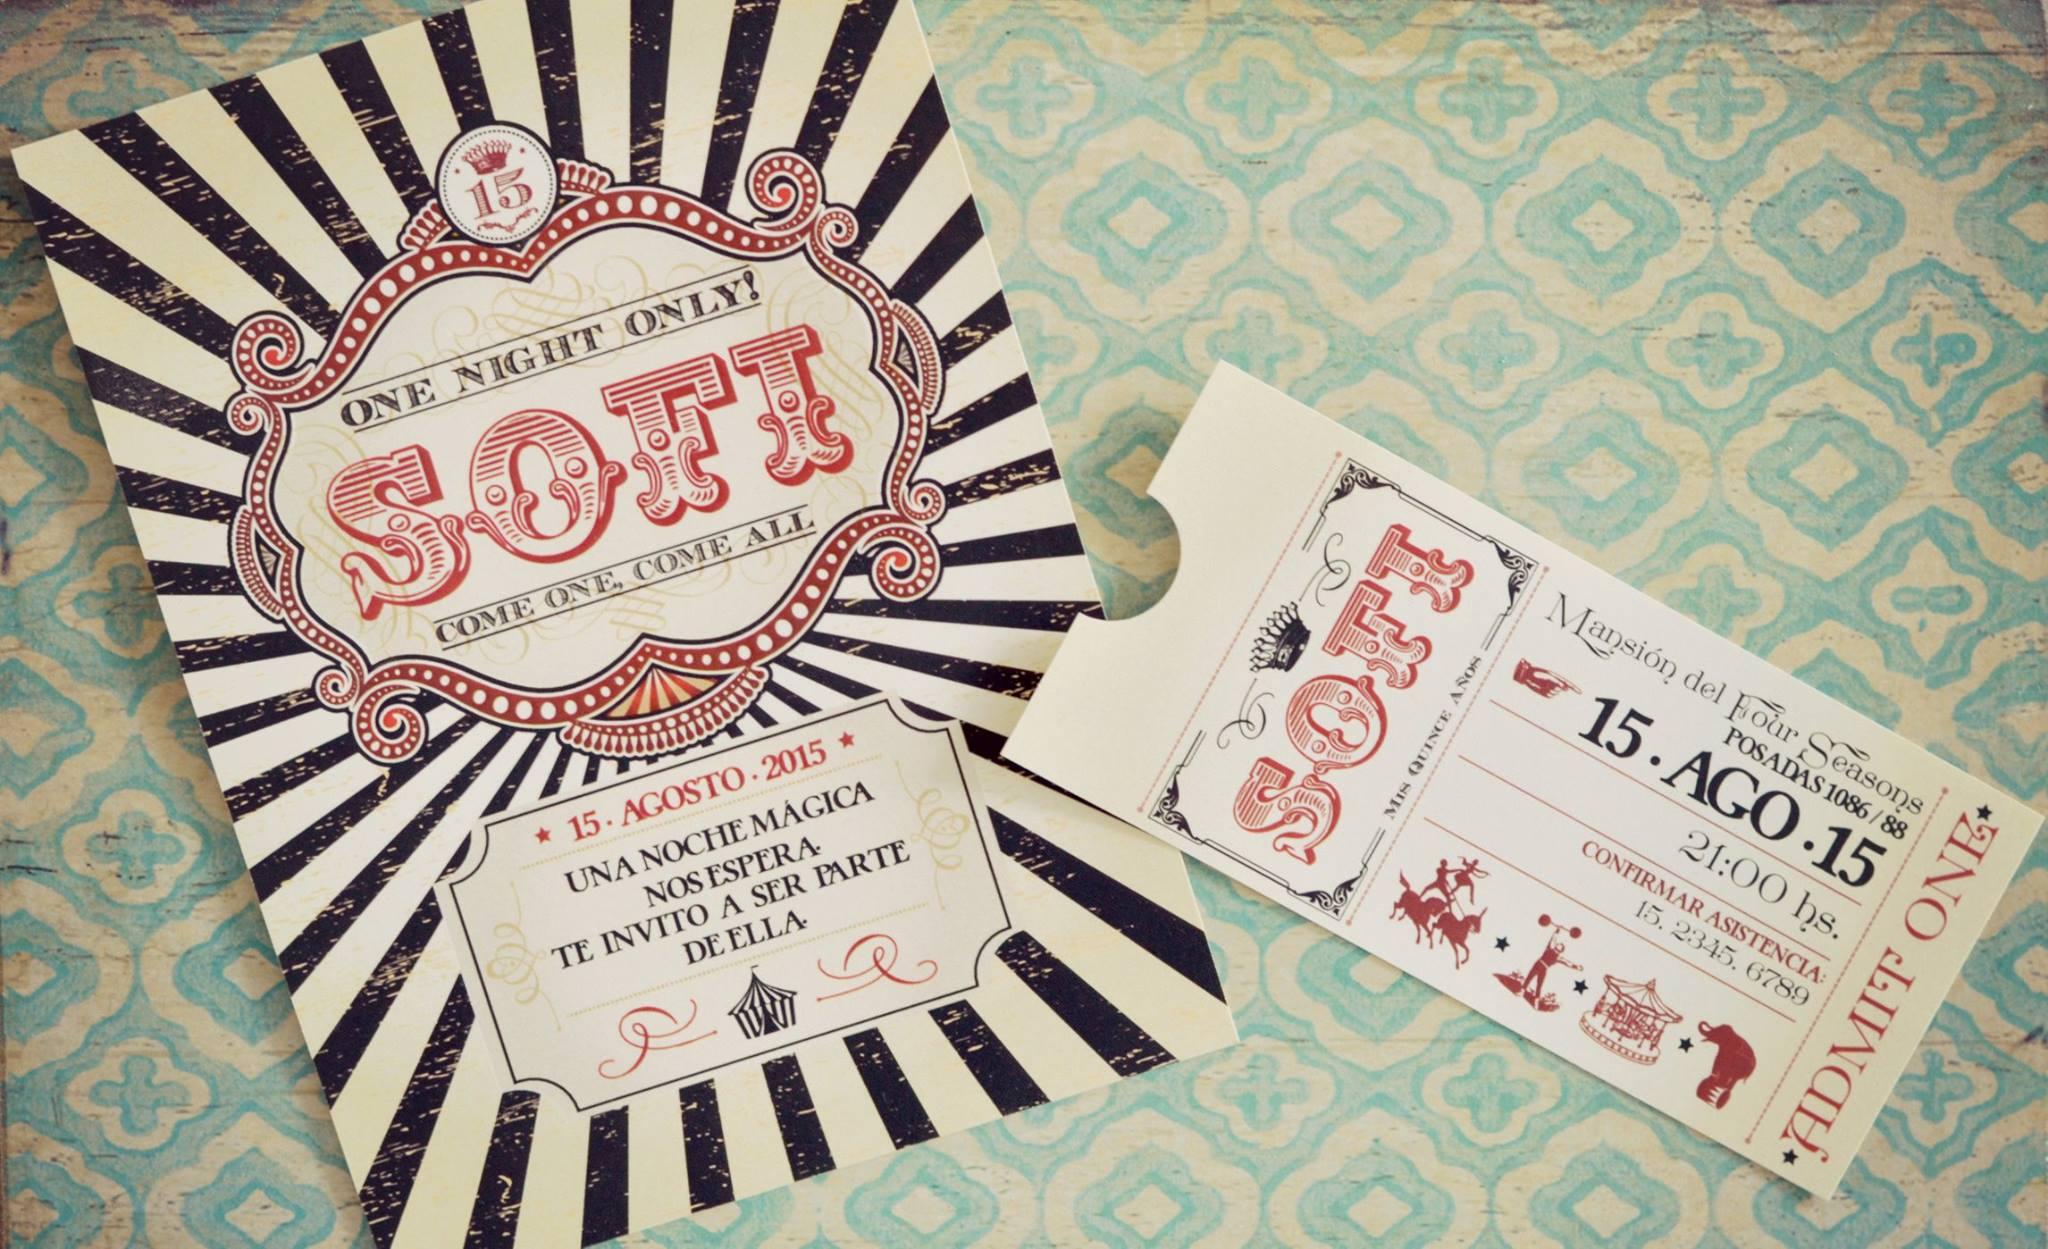 Una invitaci n de 15 estilo circo vintage tarjetas de 15 for Tarjetas de 15 anos vintage